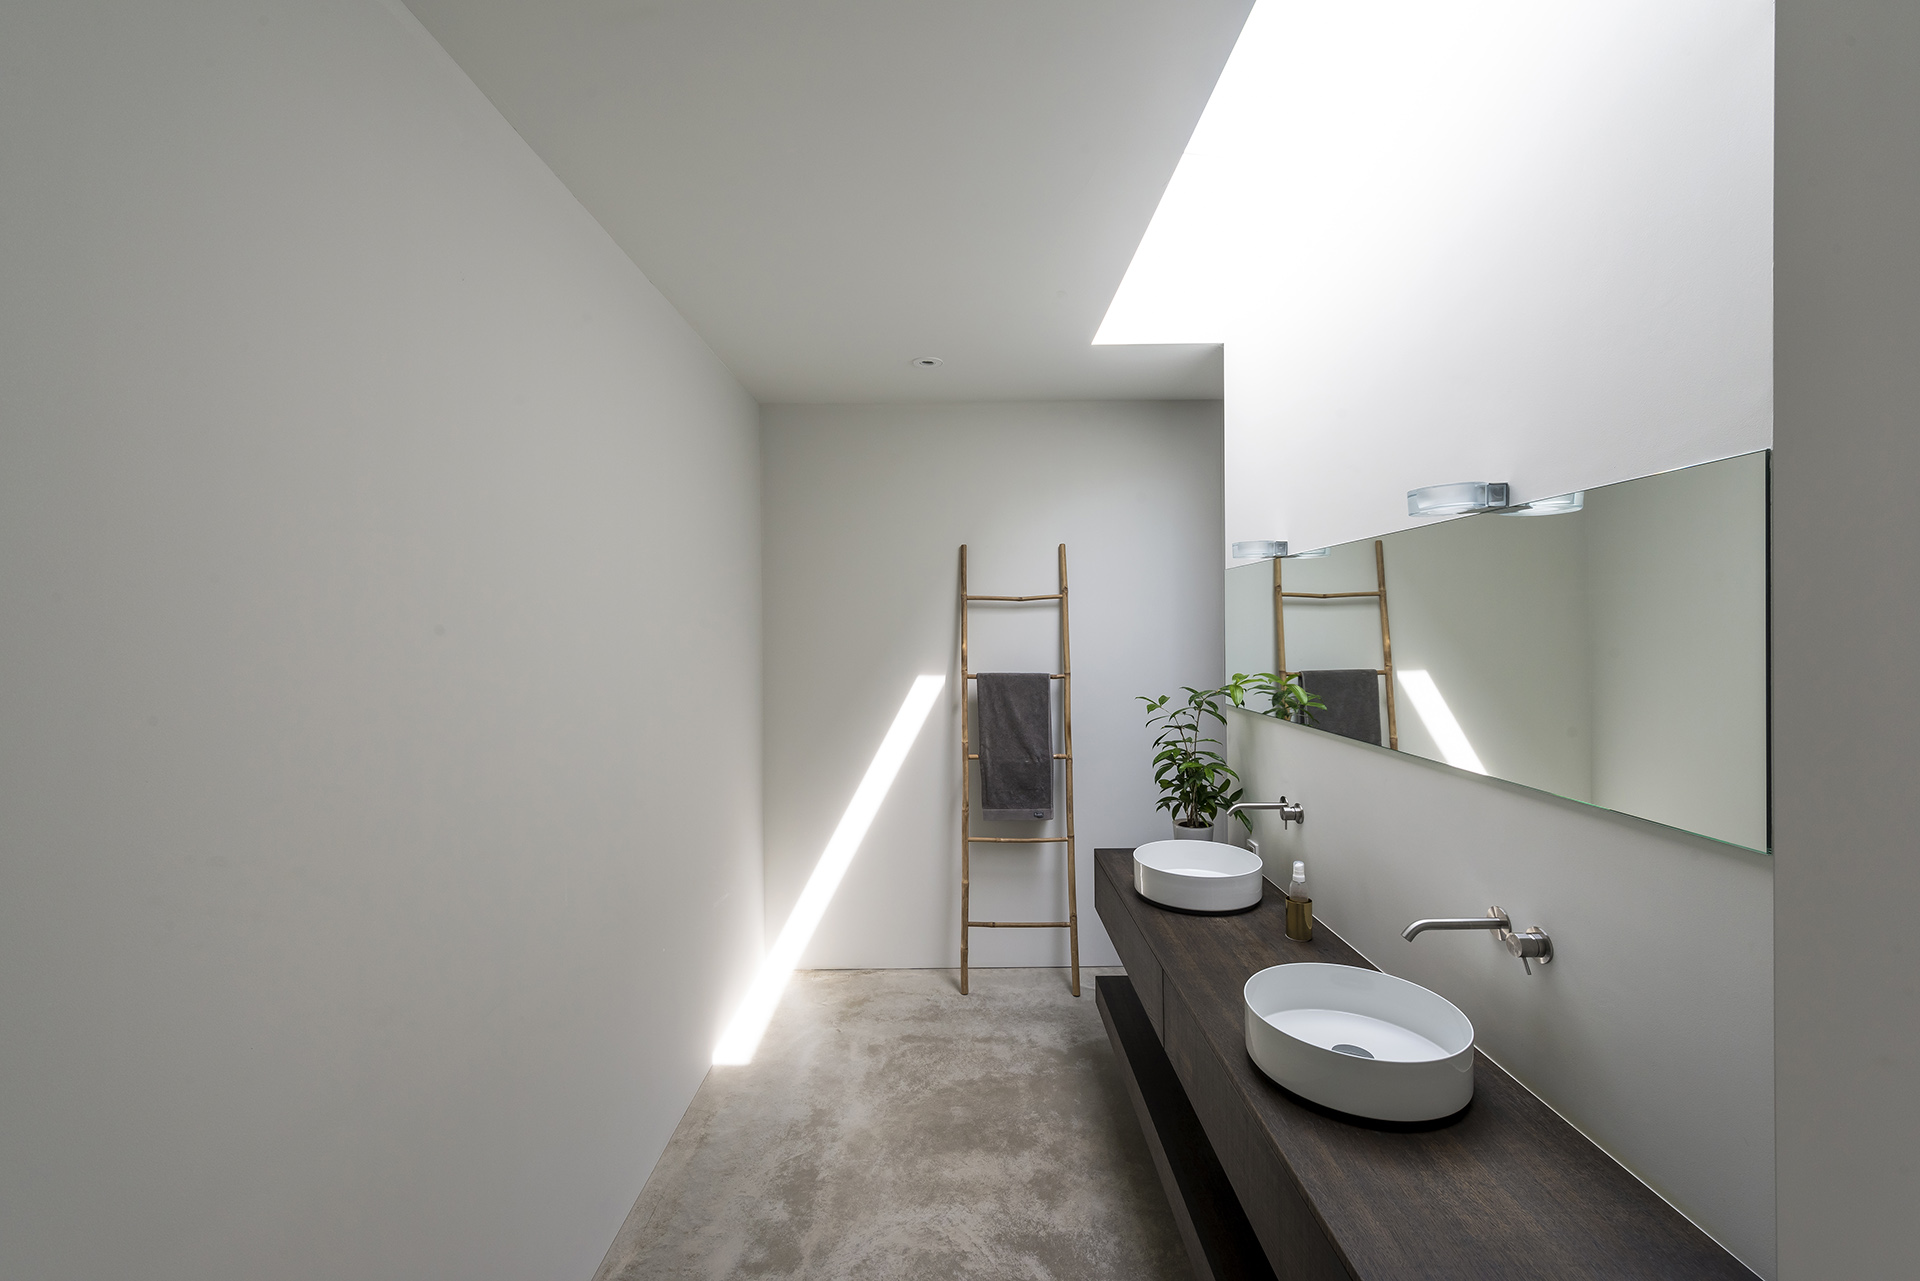 Interieur Design Gemert.Woonhuis Gemert Maas Architecten Architect Gemert